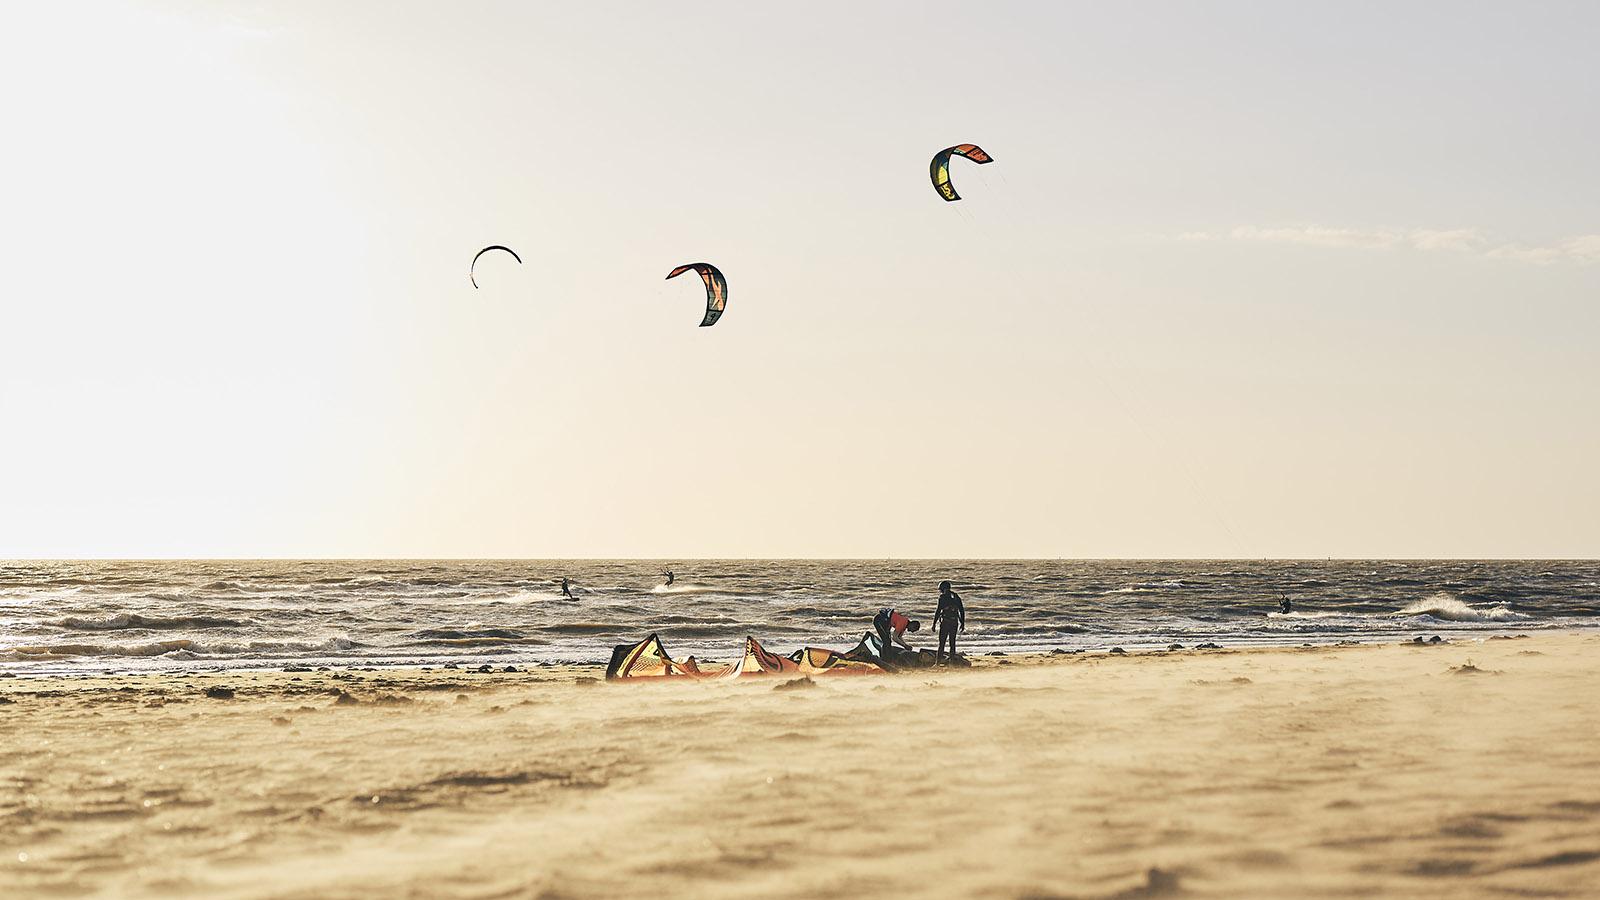 activites-nautique-kite-alamoureux_